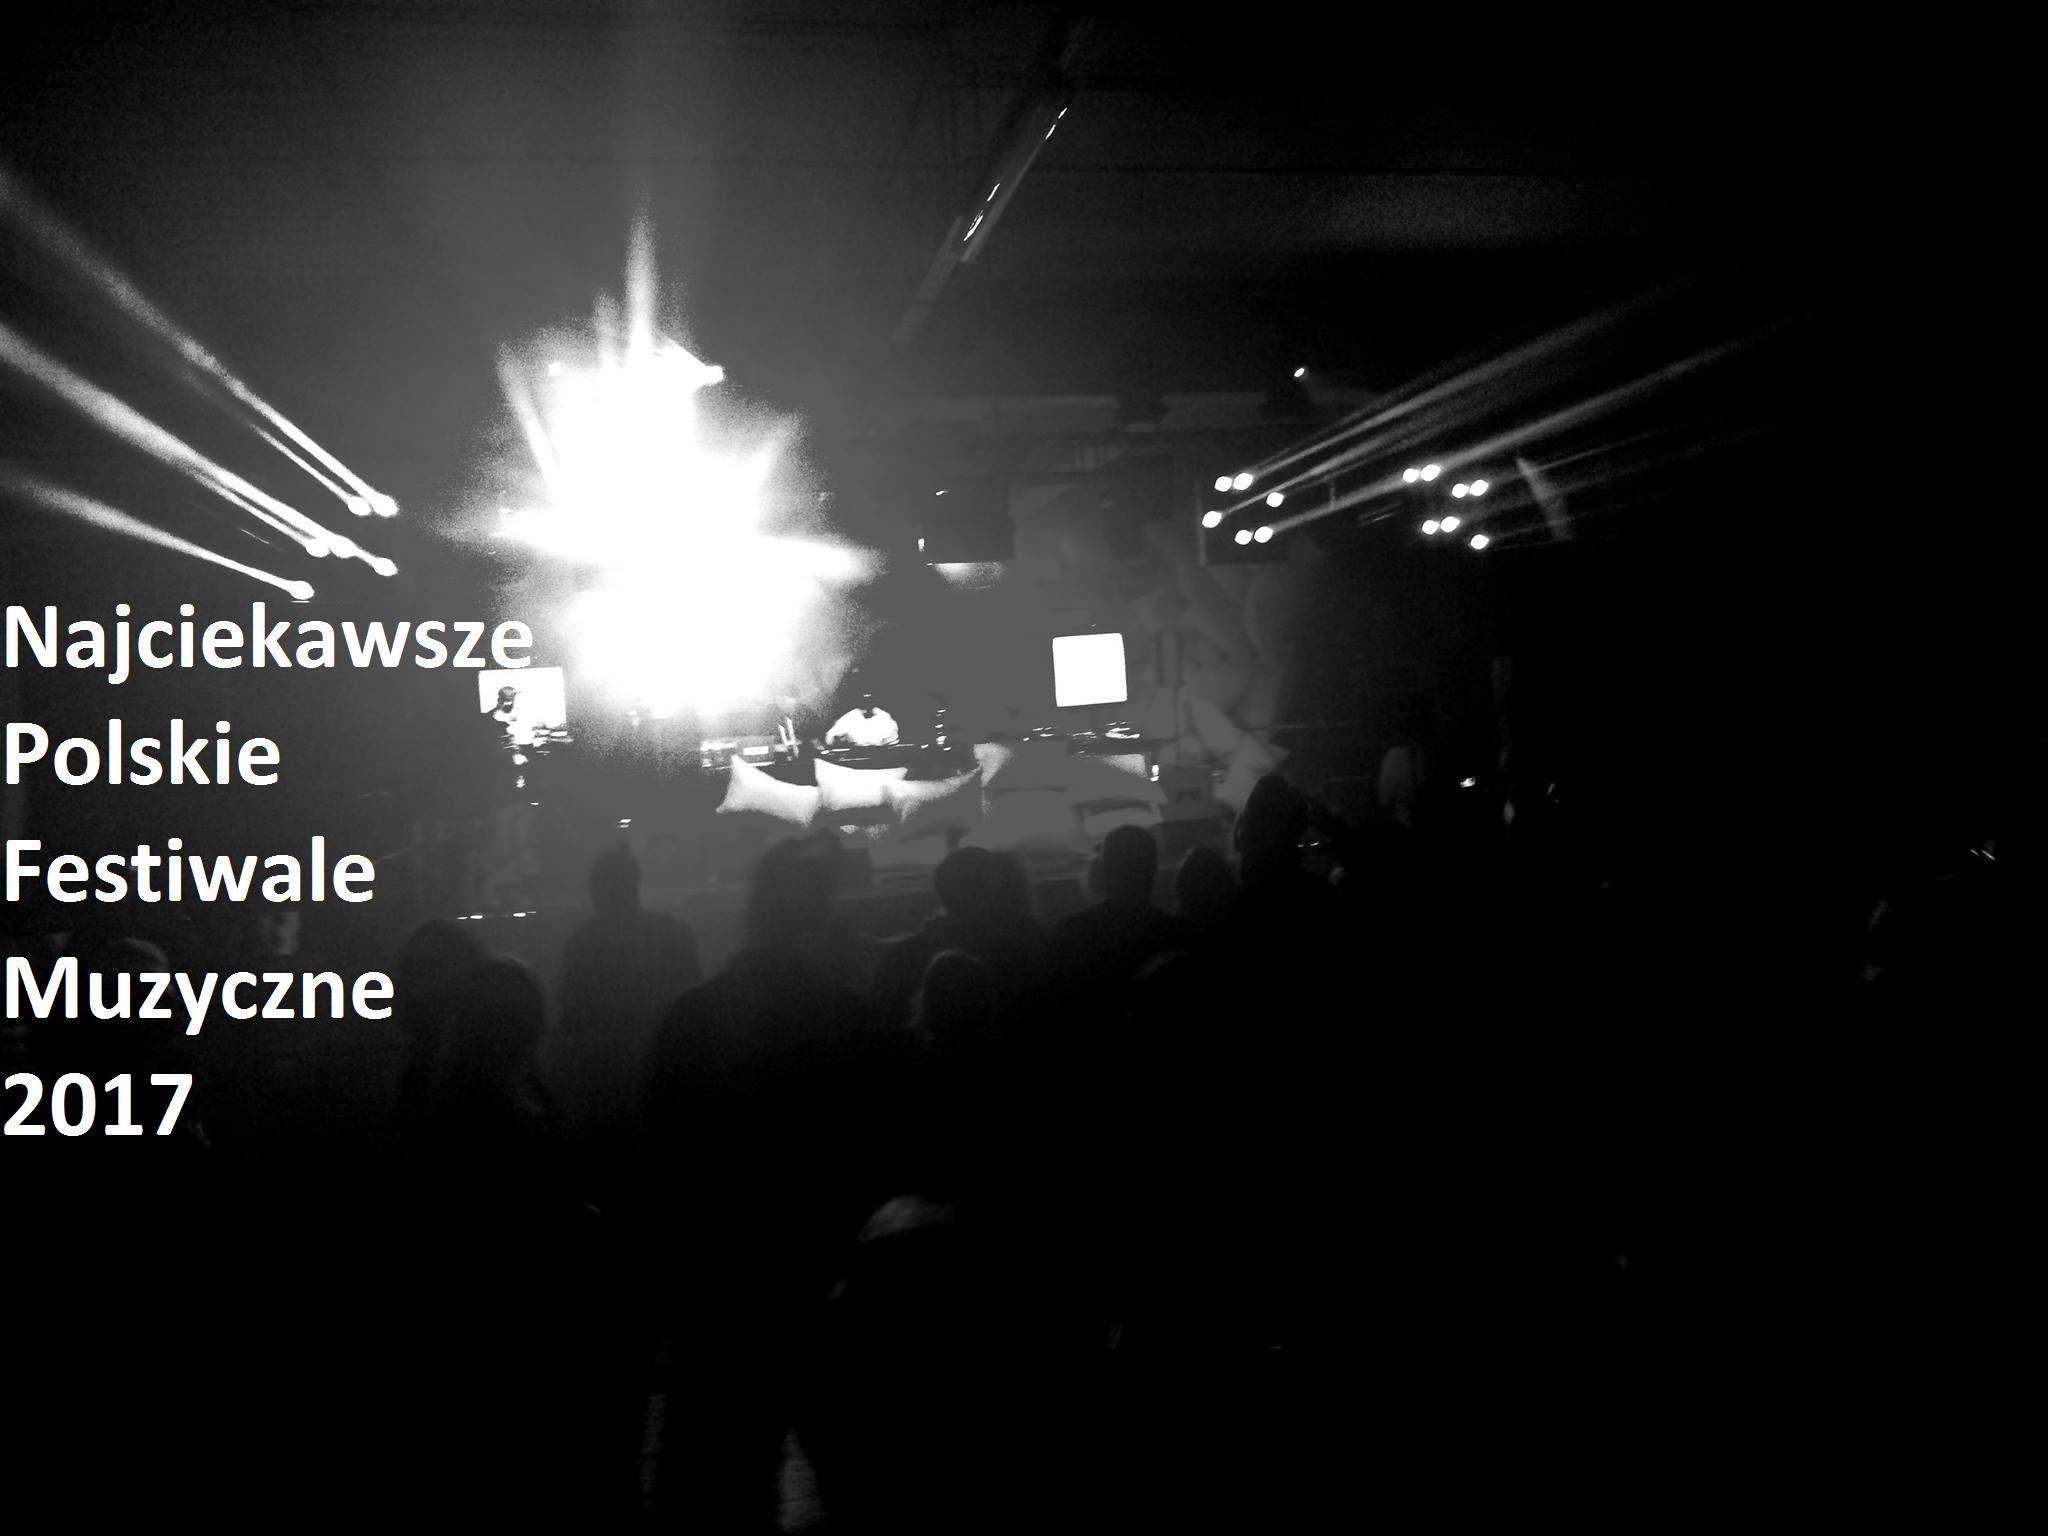 Najciekawsze polskie festiwale muzyczne 2017!